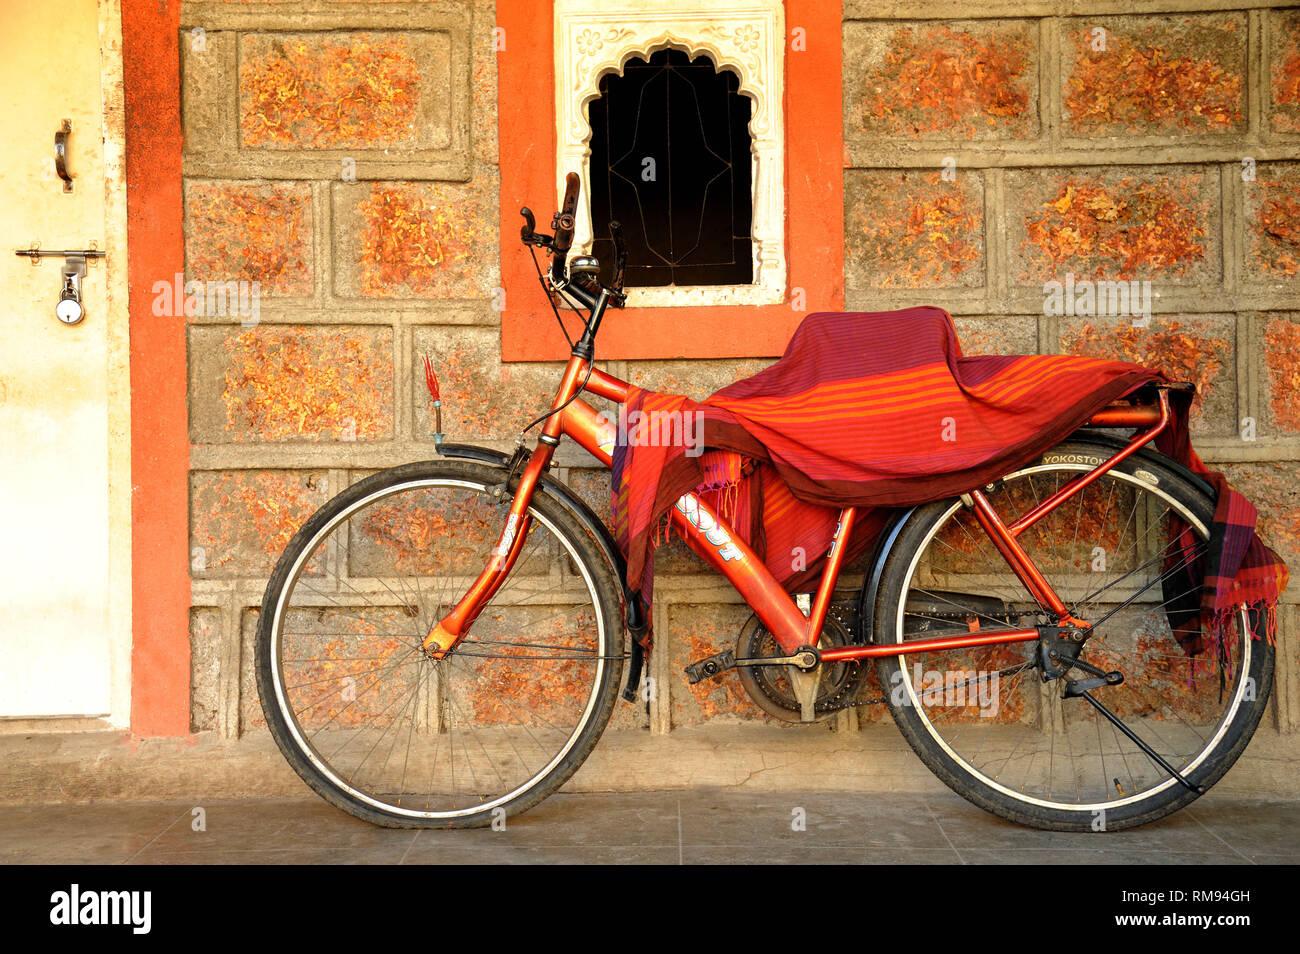 Bicycle parked outside of house, Maharashtra, India, Asia - Stock Image